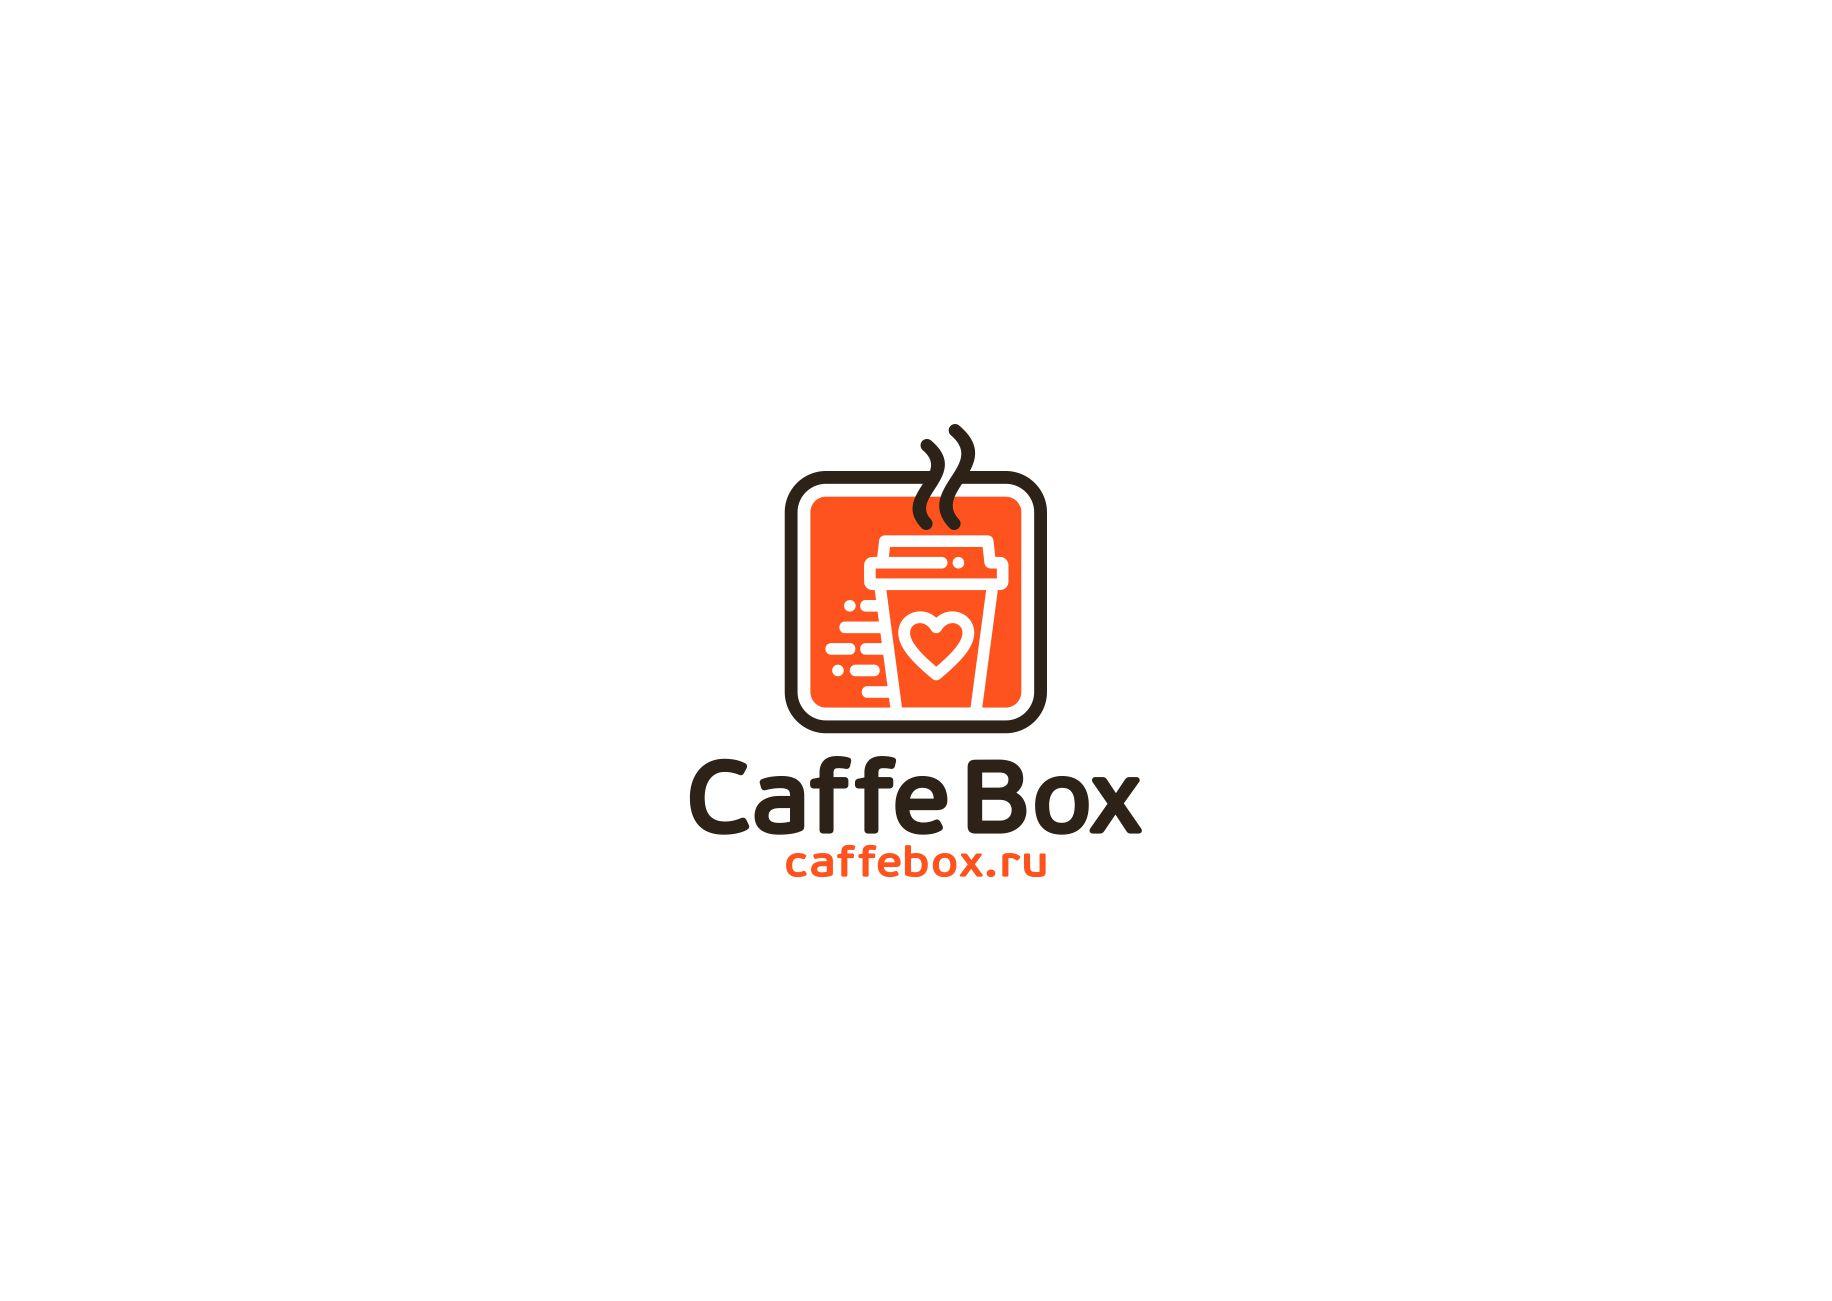 Требуется очень срочно разработать логотип кофейни! фото f_0385a0b2767af942.jpg